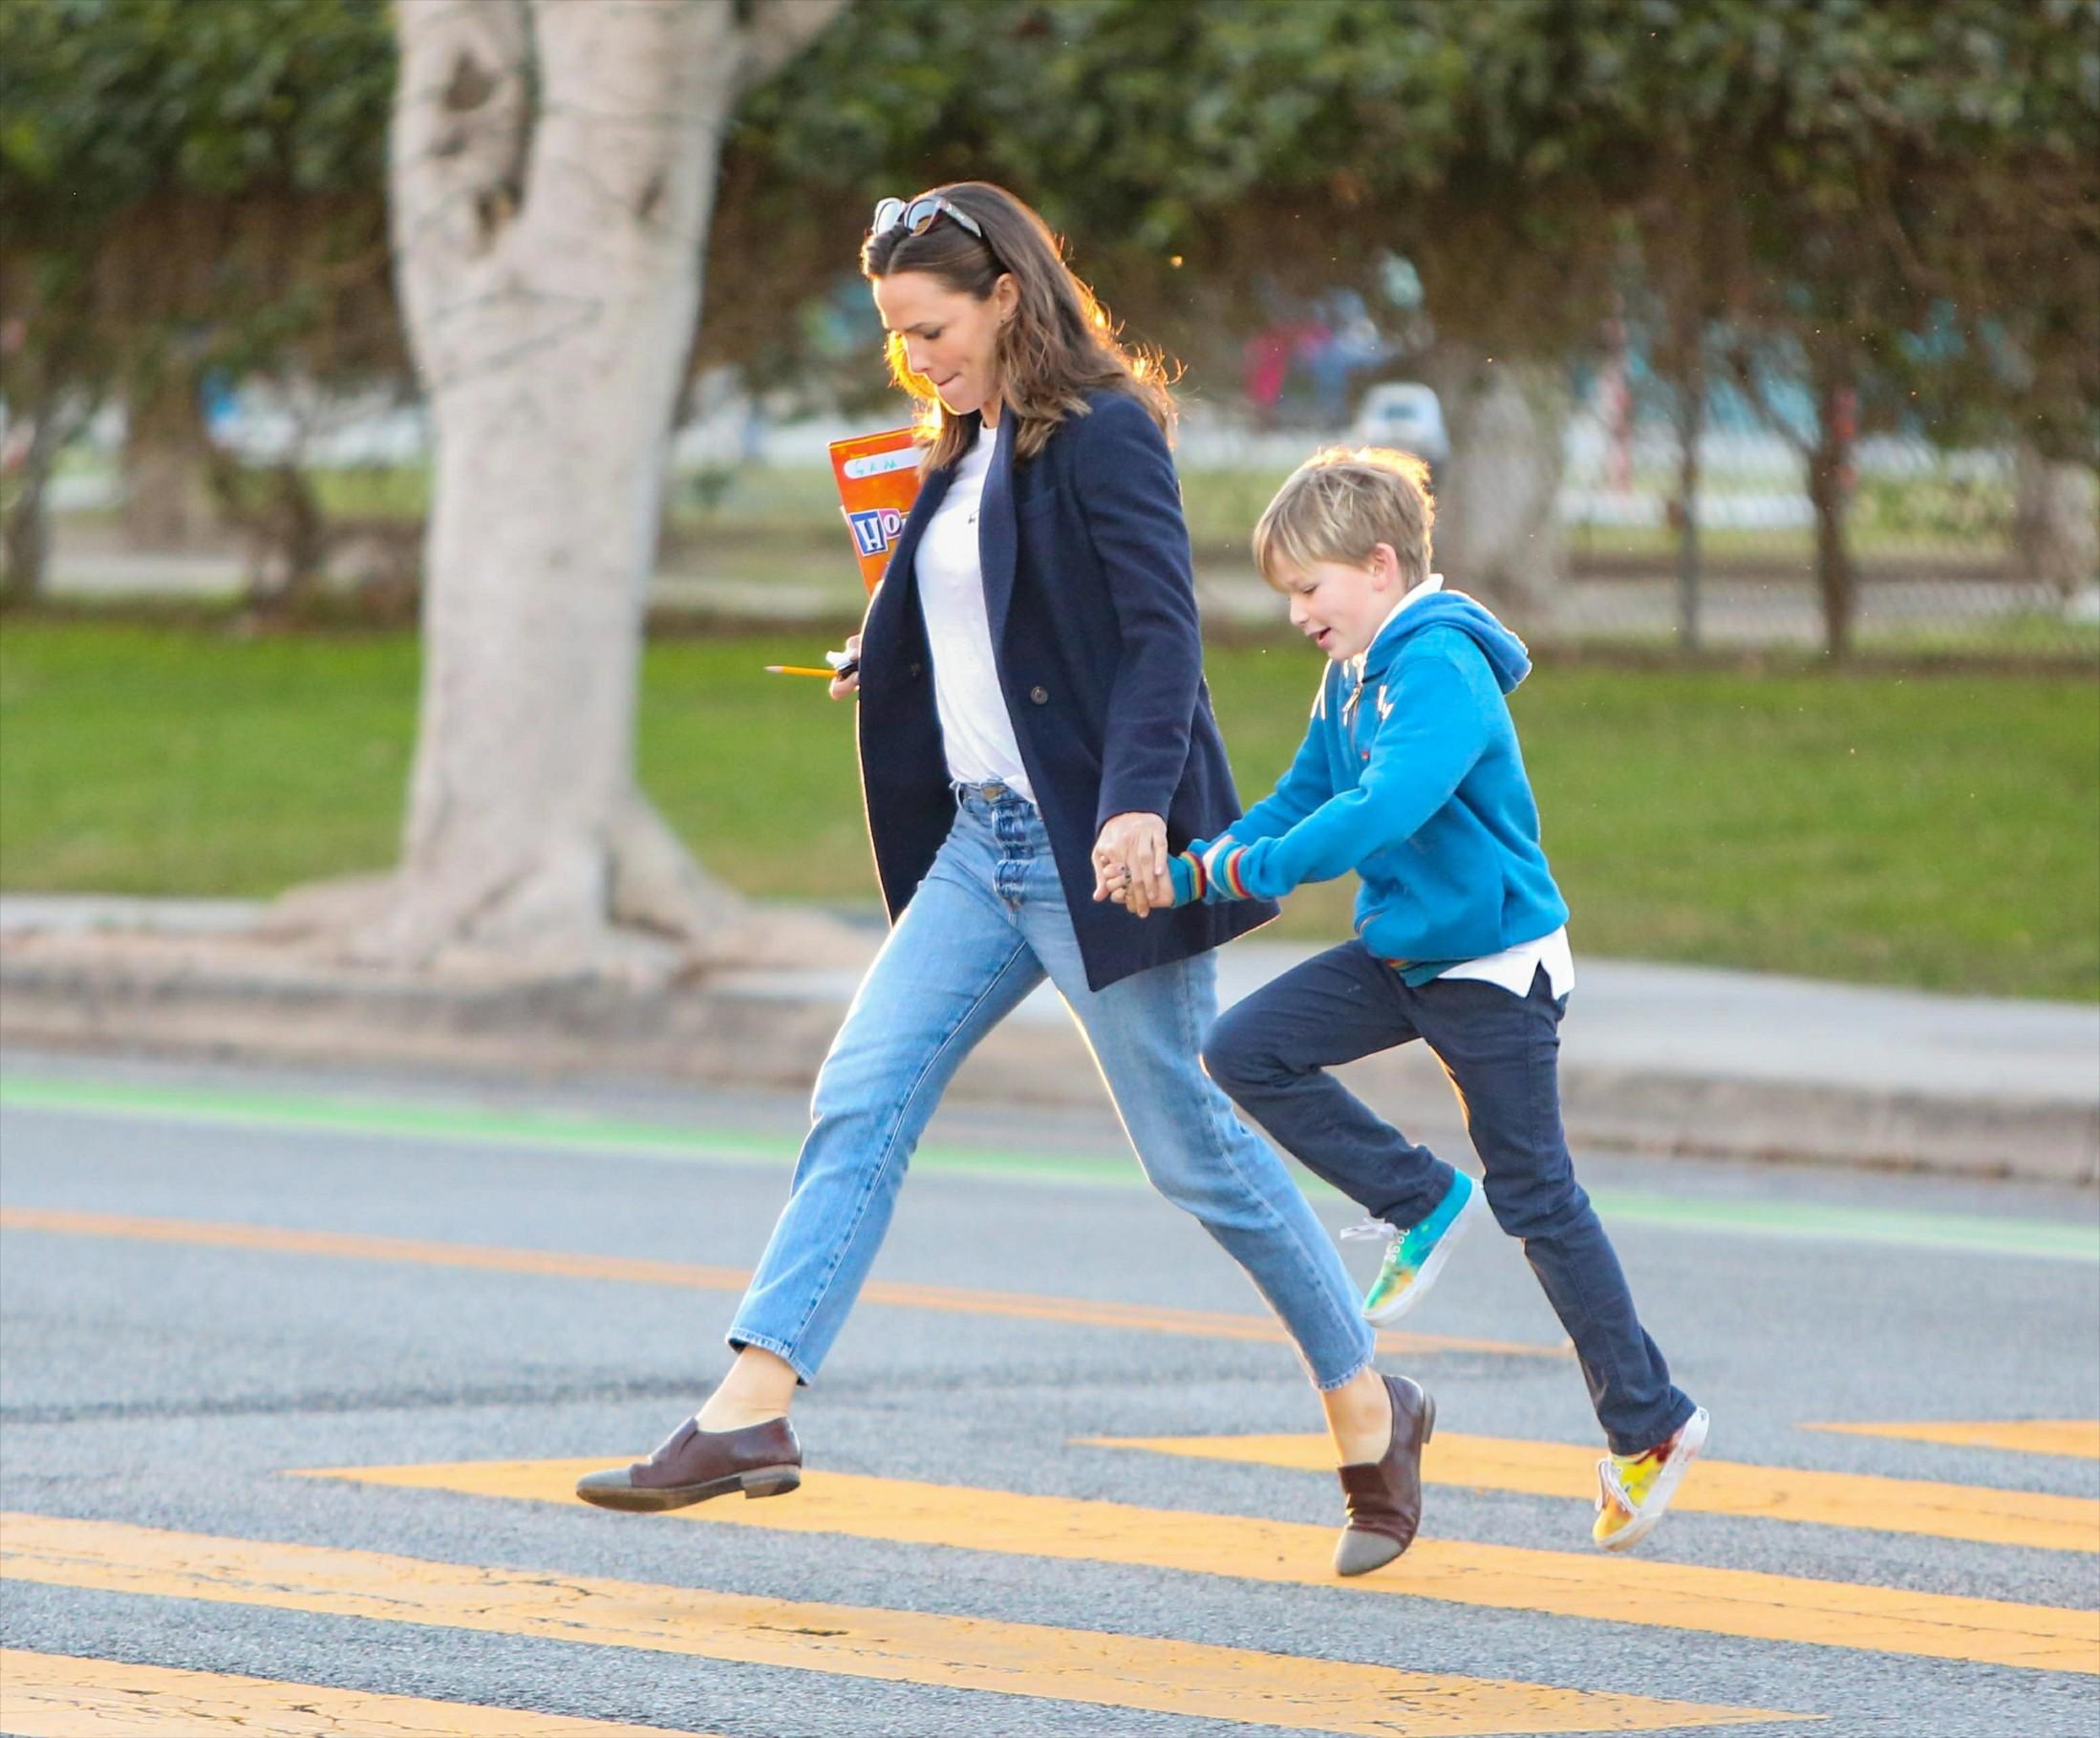 -Los Angeles, CA - 20200106 - Jennifer Garner is seen with son Samuel Affleck.    -PICTURED: Jennifer Garner  -, Image: 491421028, License: Rights-managed, Restrictions: , Model Release: no, Credit line: BauerGriffin / INSTAR Images / Profimedia